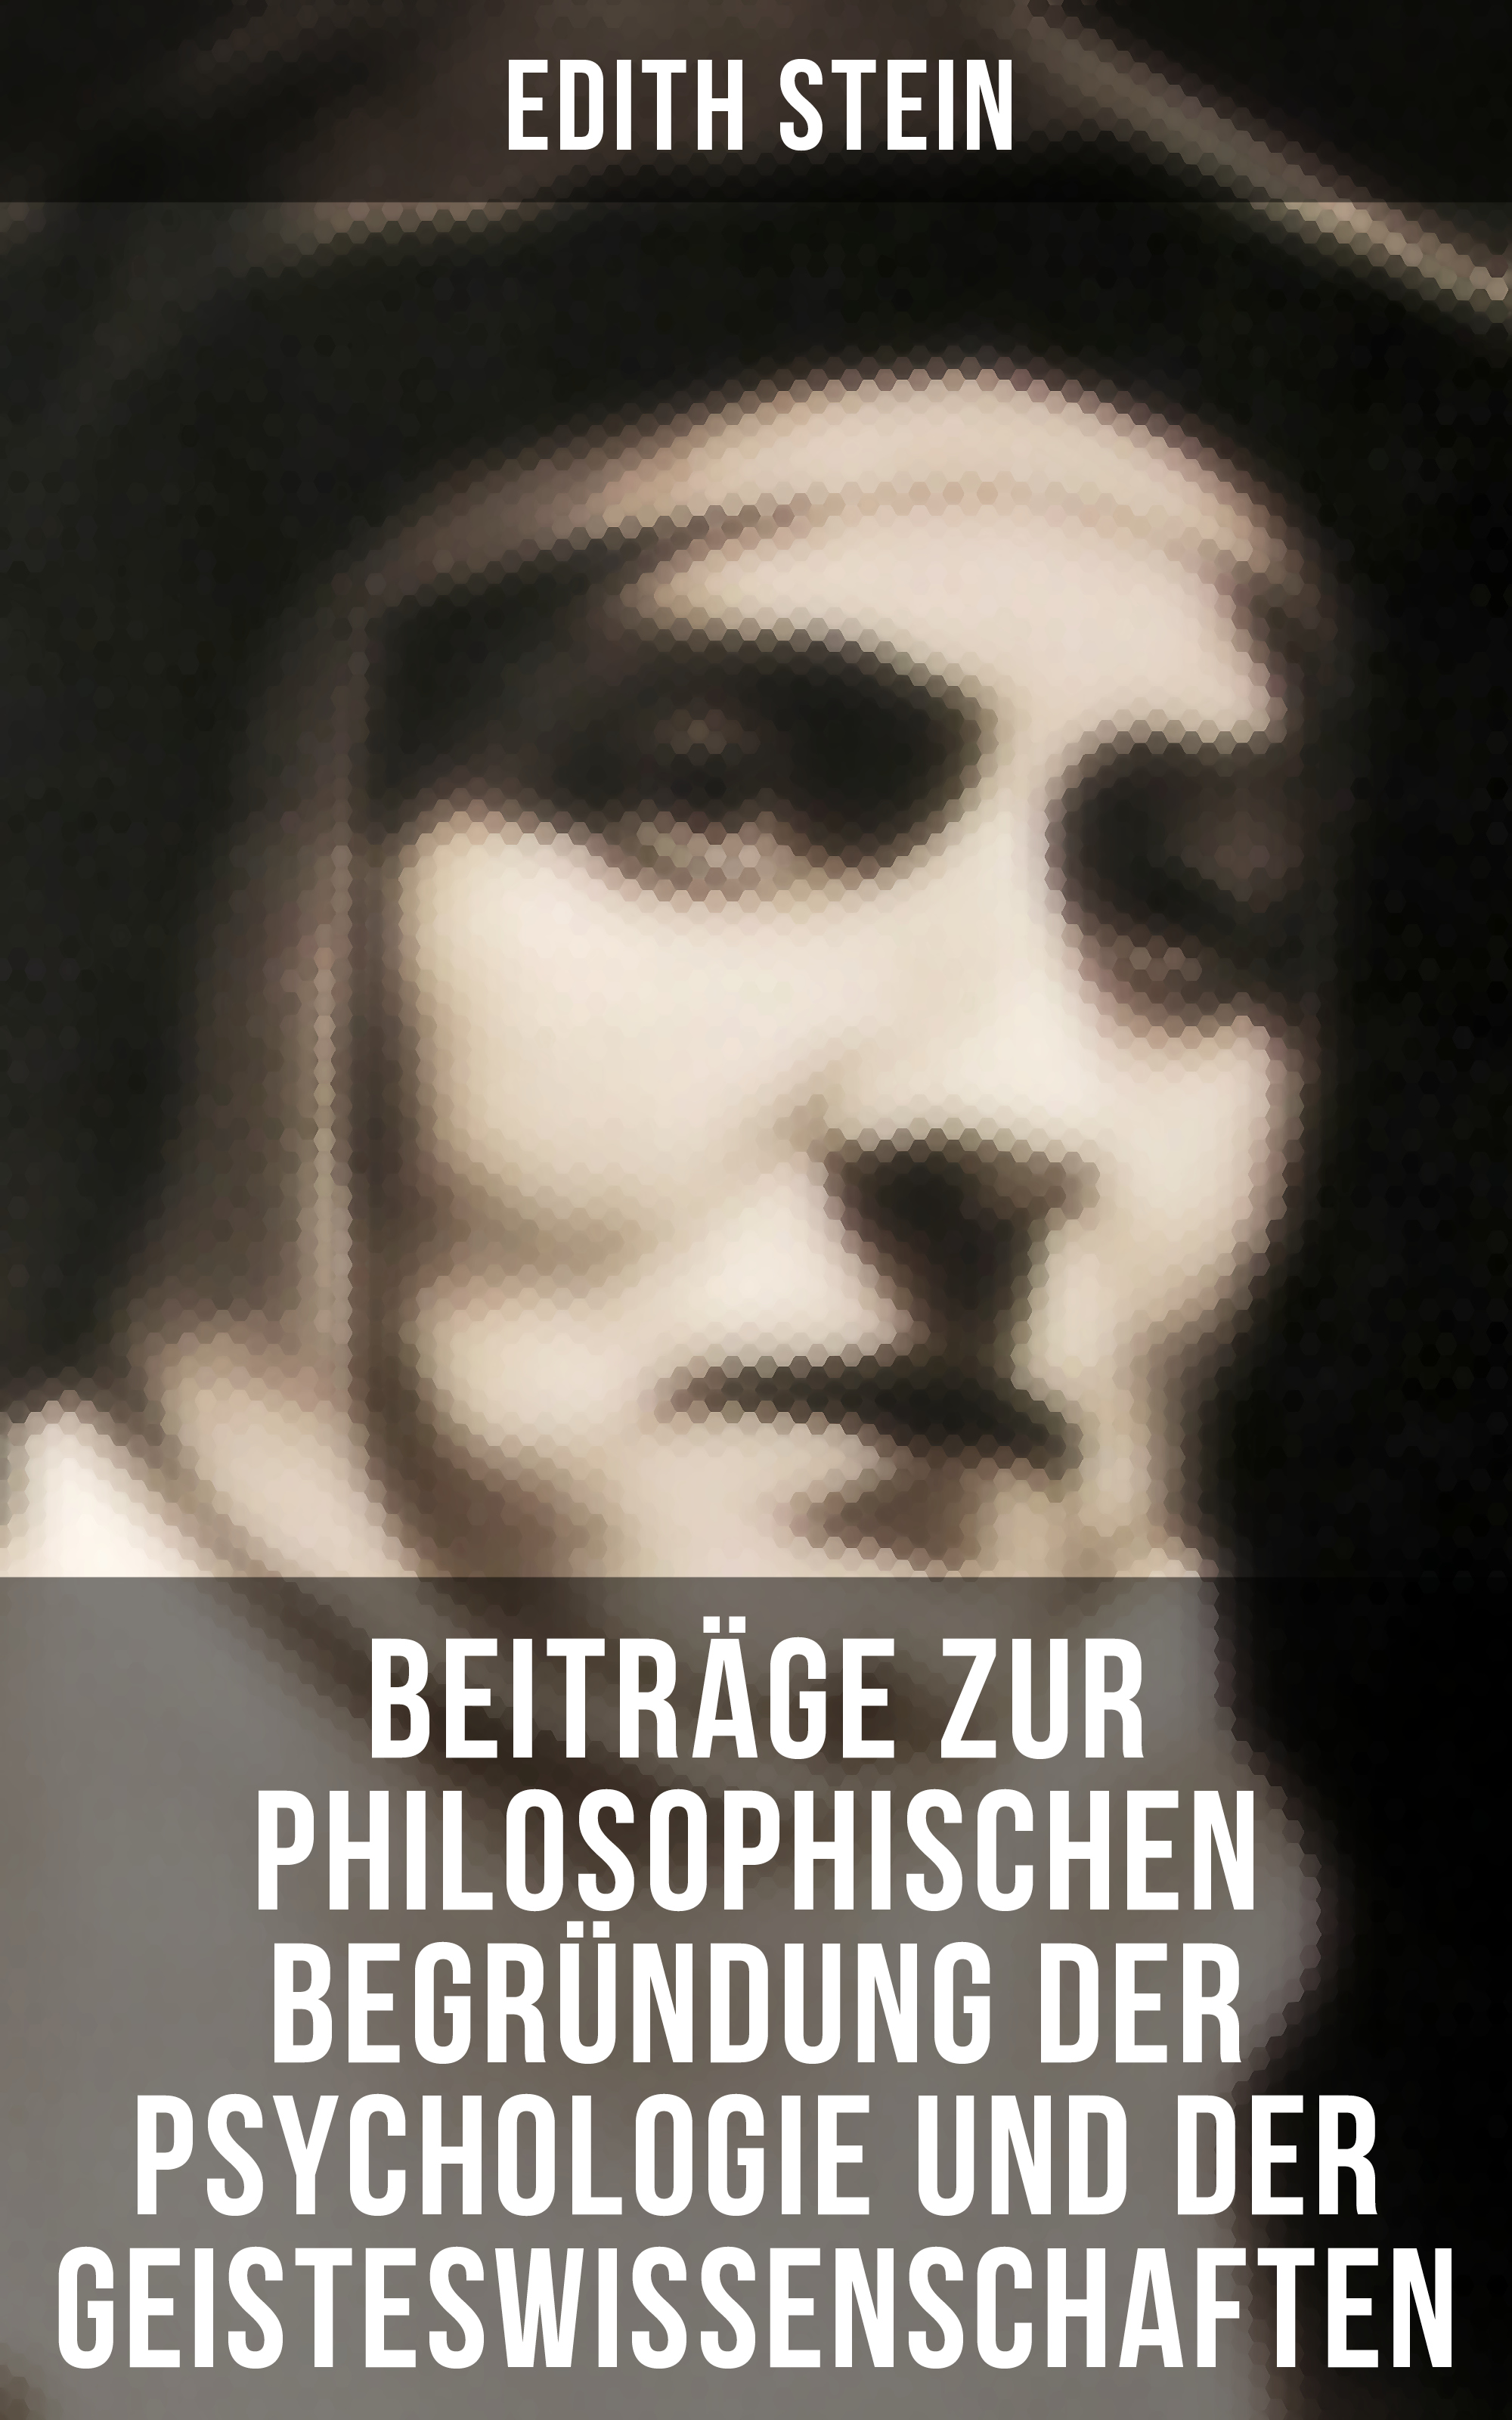 Edith Stein Edith Stein: Beiträge zur philosophischen Begründung der Psychologie und der Geisteswissenschaften highsmith p edith s diary isbn 9780349004556